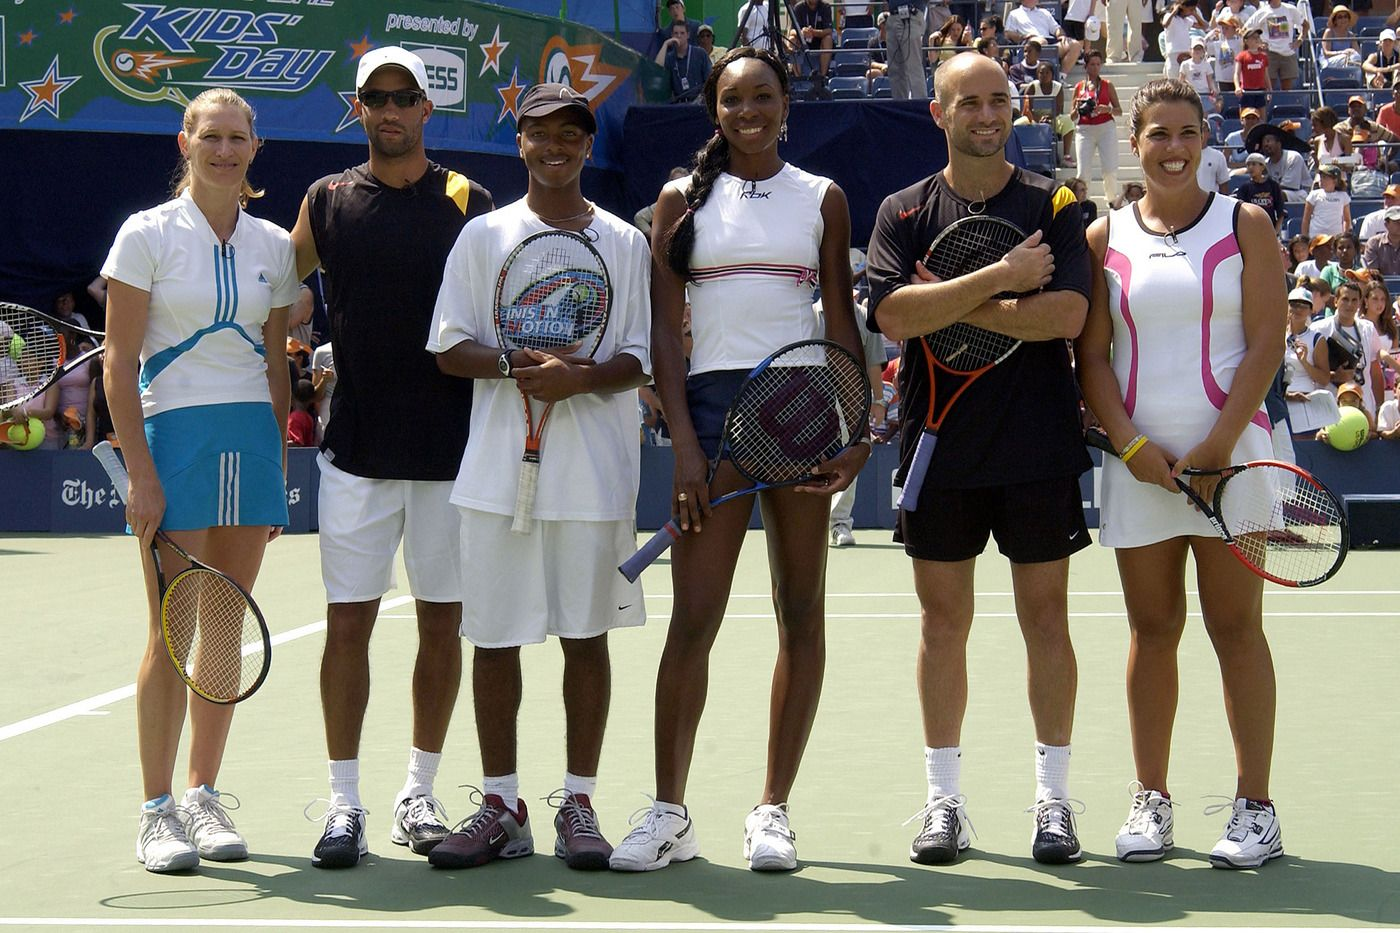 Steffi Graf James Blake Donald Young Venus Williams Andre Agassi And Jennifer Capriati Pose For A Photo Jennifer Capriati Andre Agassi Tennis Championships